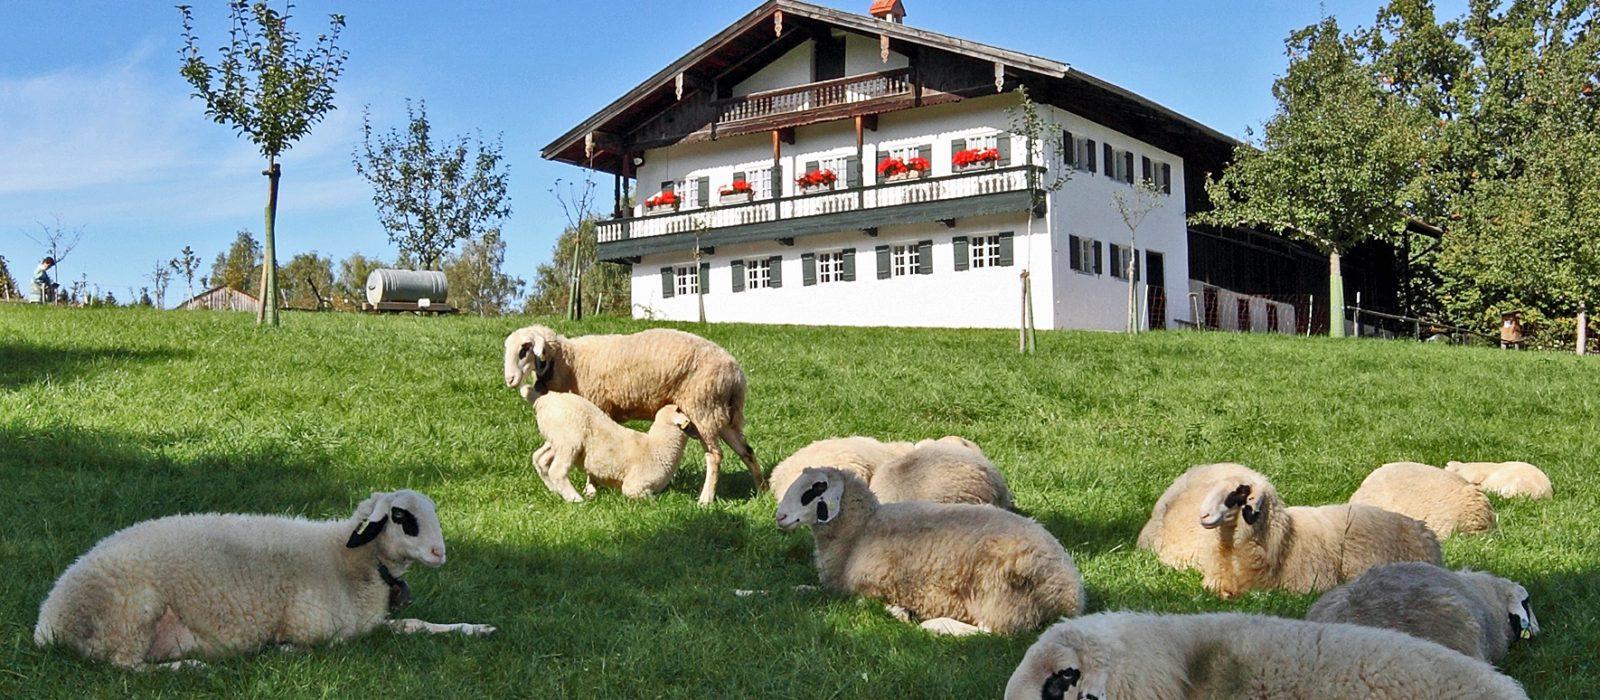 Schafe auf einer Wiese vor einem Hof in Altenbeuern